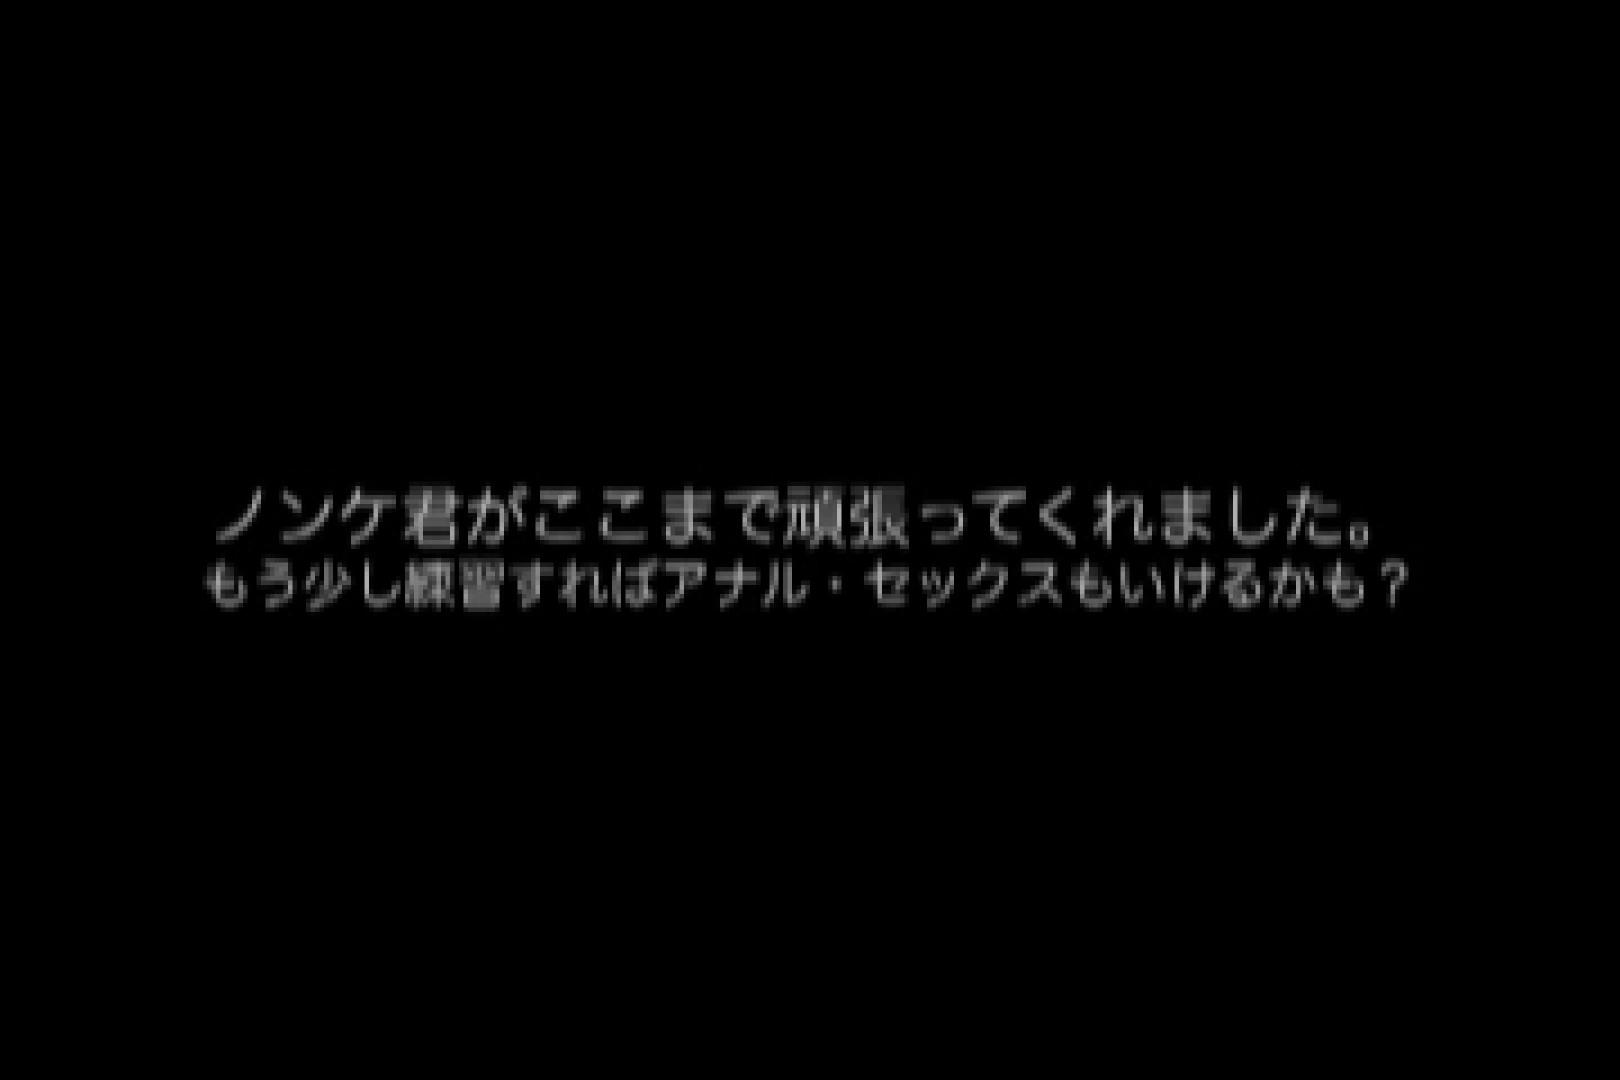 ノンケよしき君のイカされ日記…vol.03 ノンケ ゲイアダルト画像 110枚 29